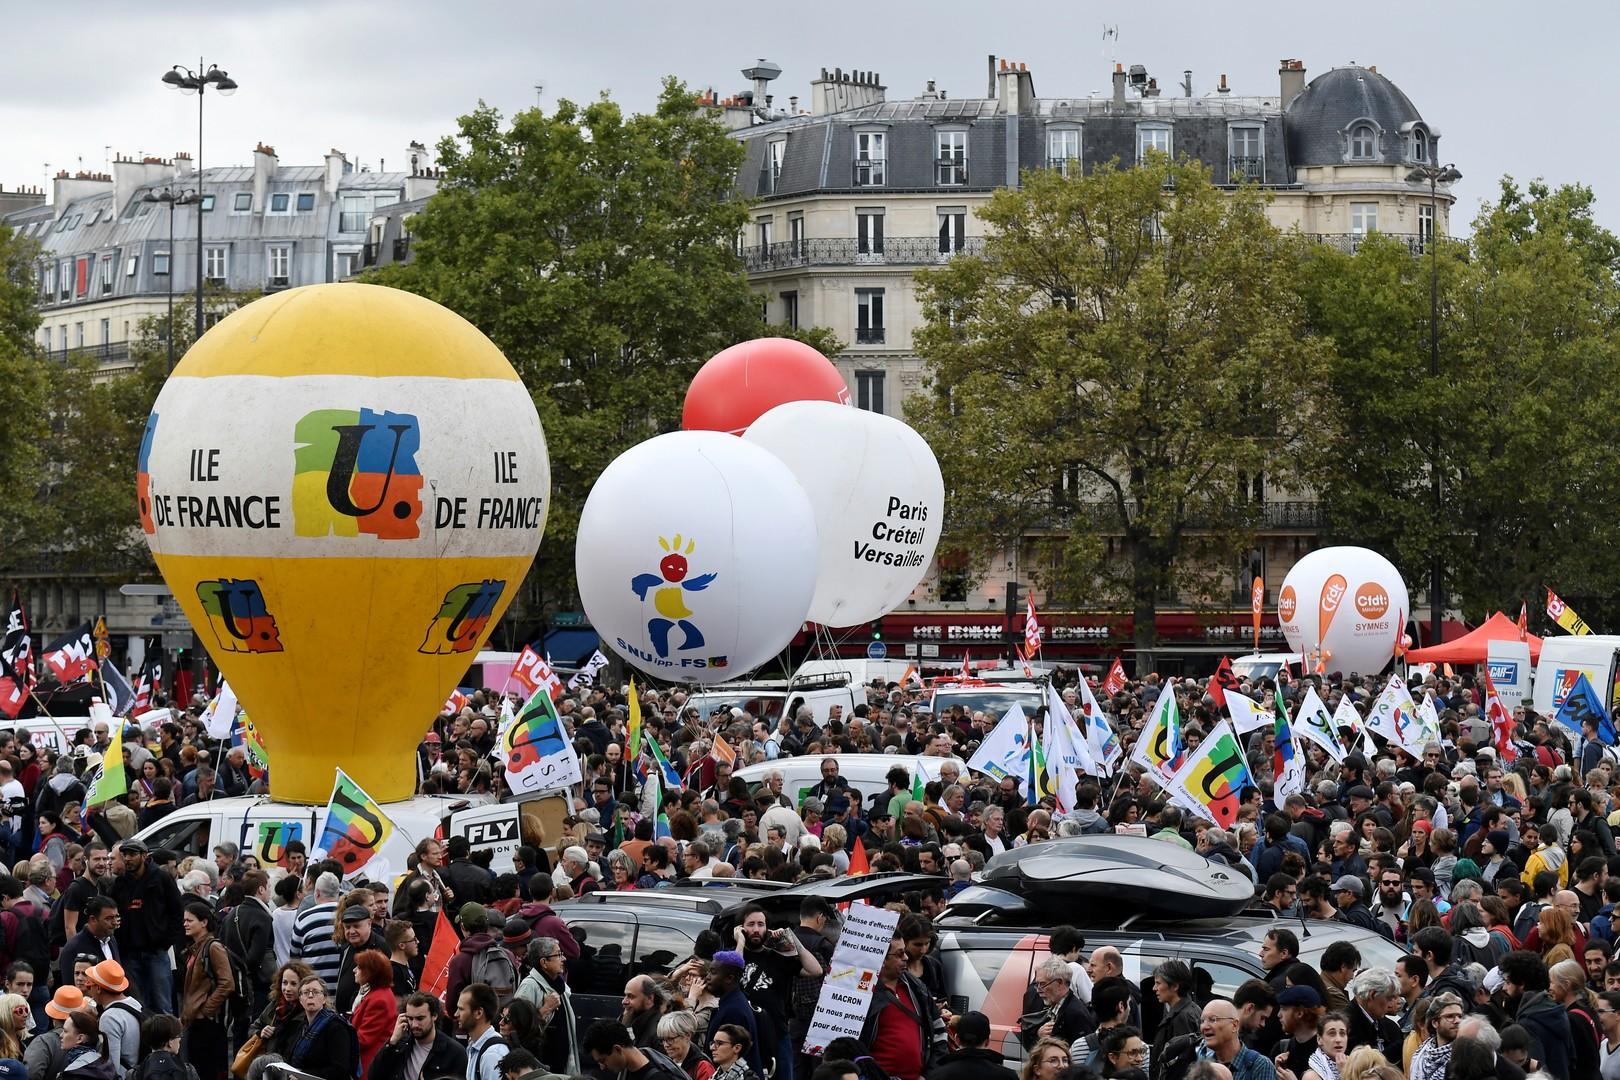 De la loi Savary à la loi Travail, ces manifestations qui ont bousculé les prédécesseurs de Macron